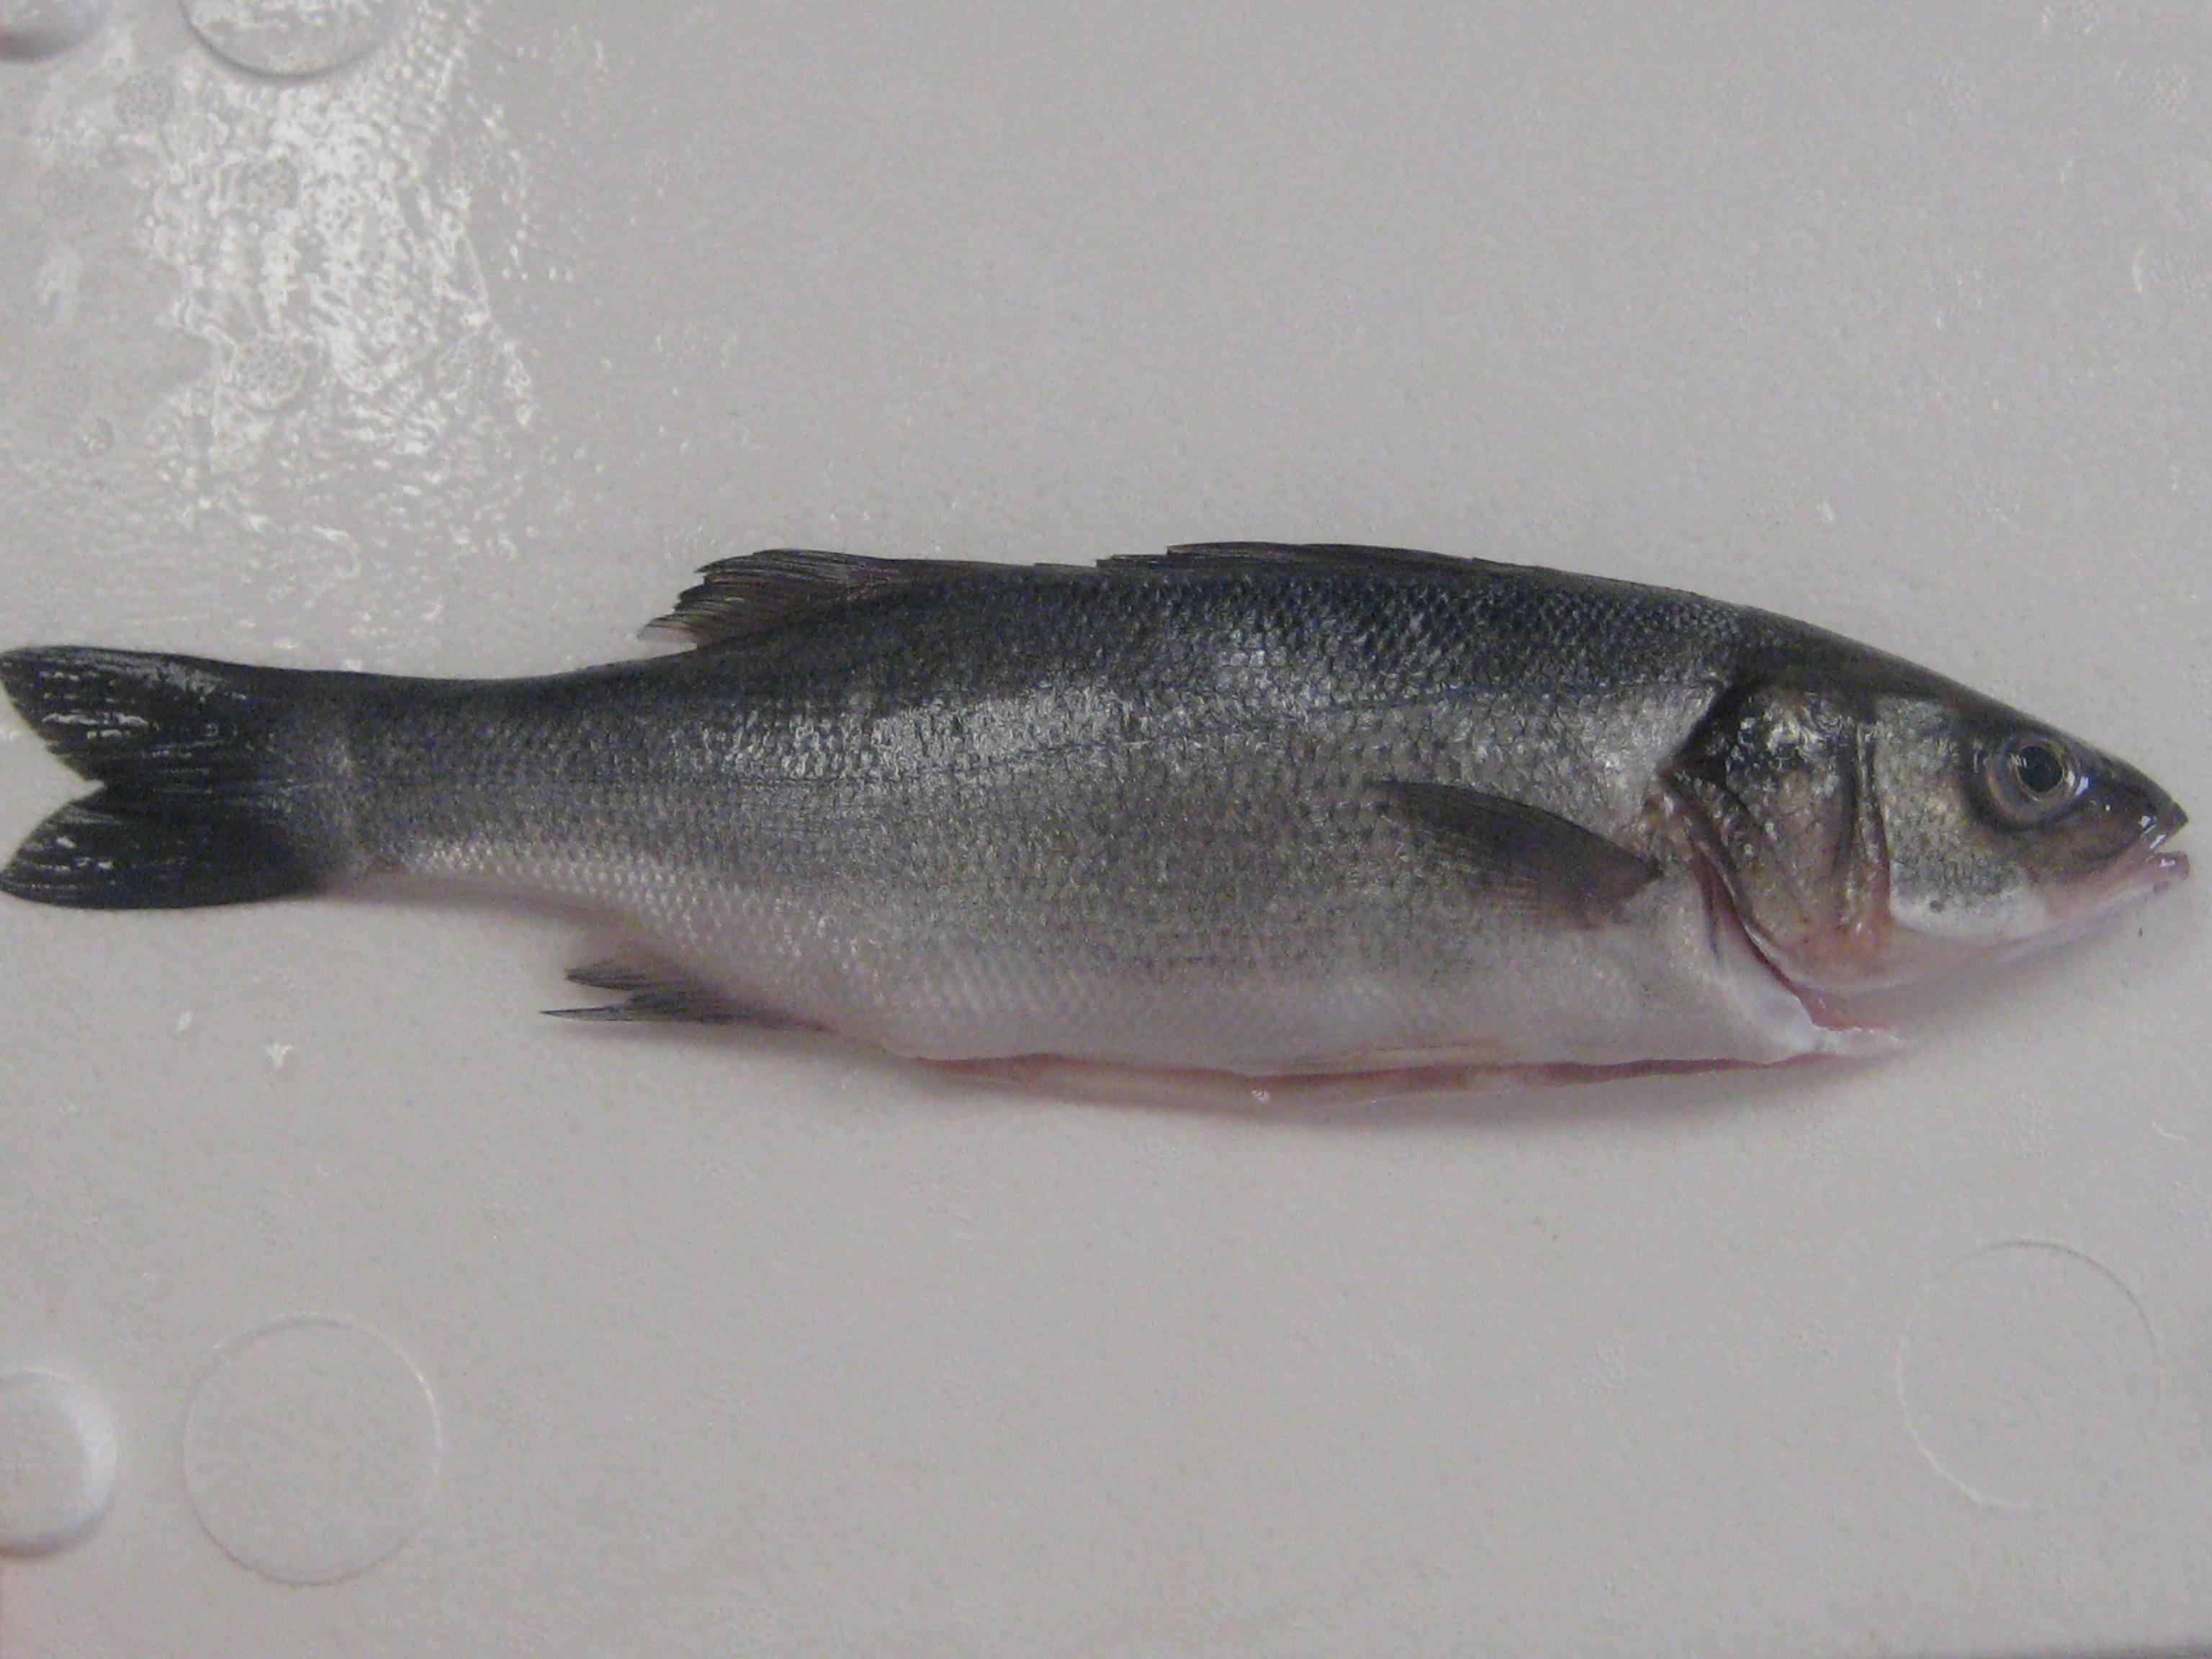 sea bass  u2013 seafoods and fish products  u2013 skmrr  fsbra